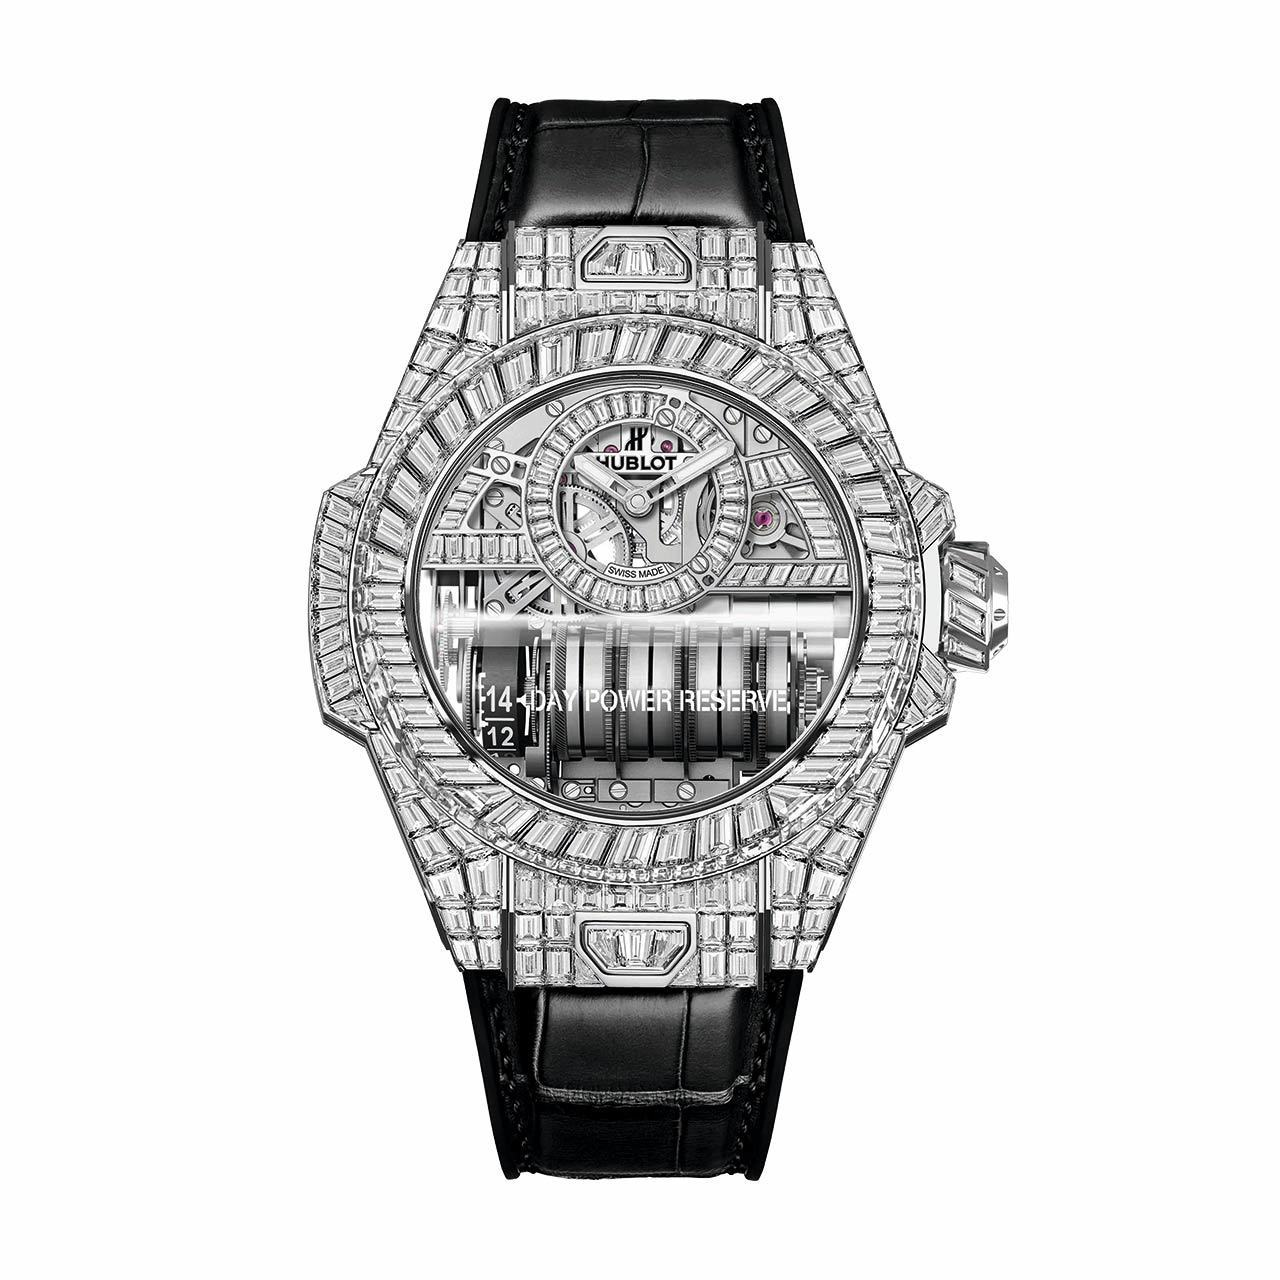 宇舶表BIG BANG MP11白金鑽表,18K白金表殼、表圈,共鑲嵌462顆鑽...